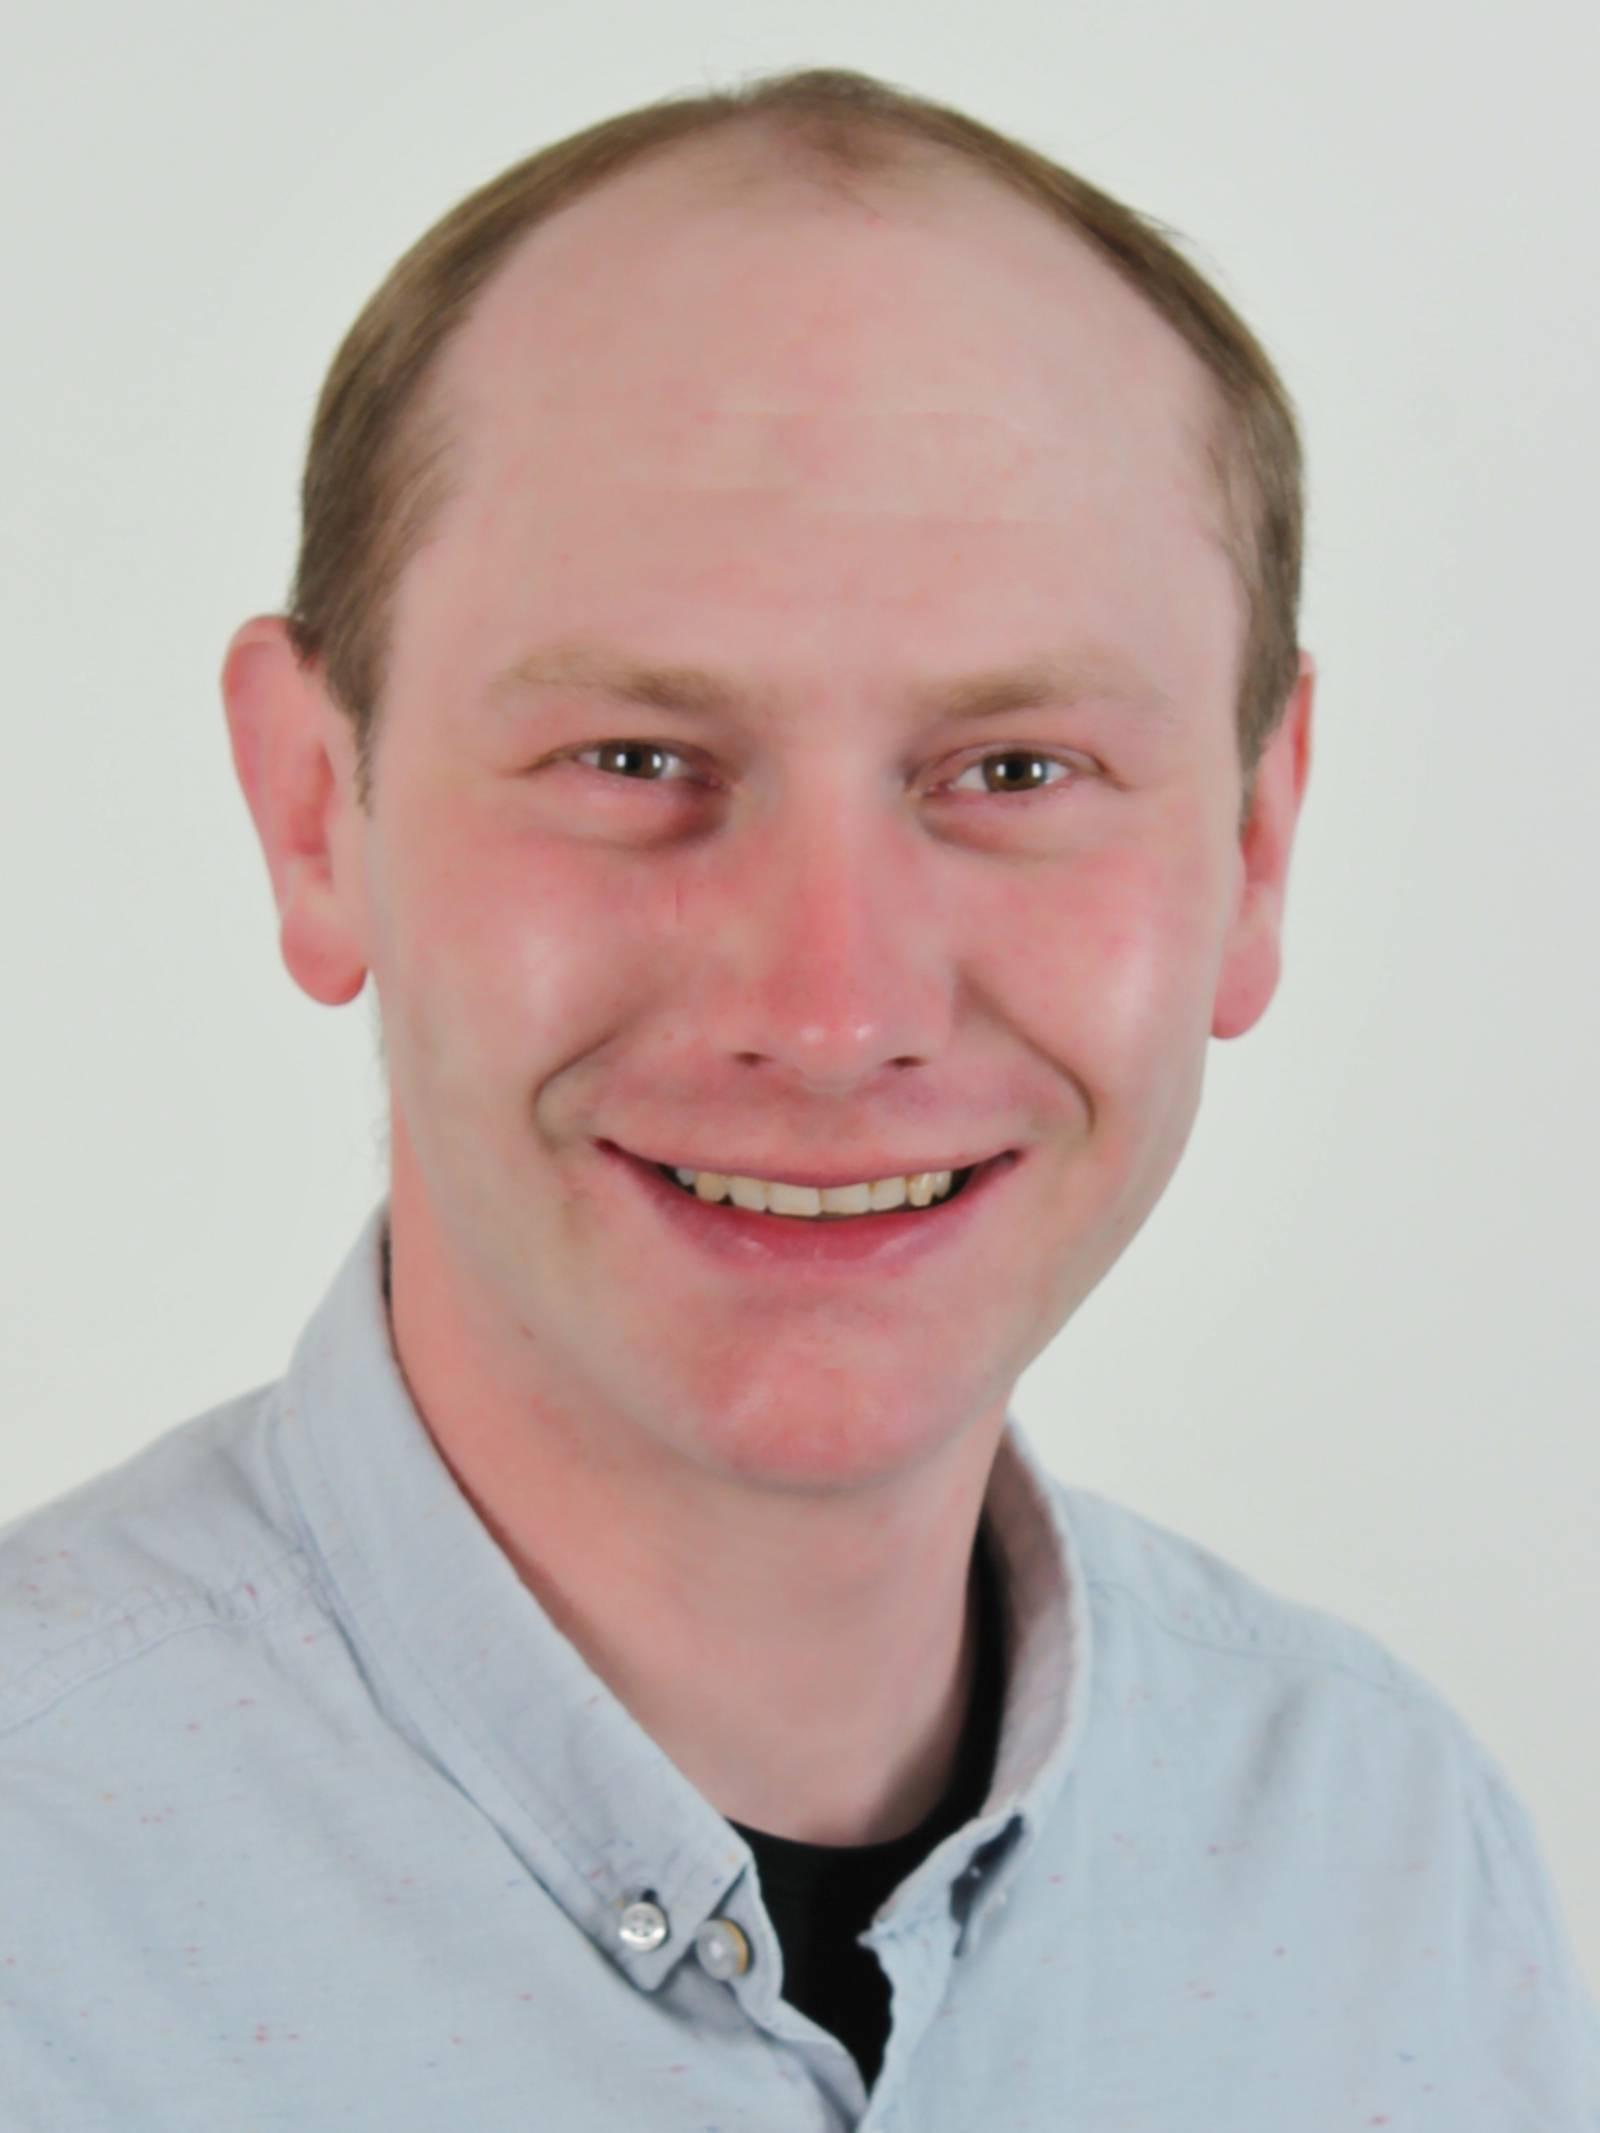 Portraitfoto eines Mannes